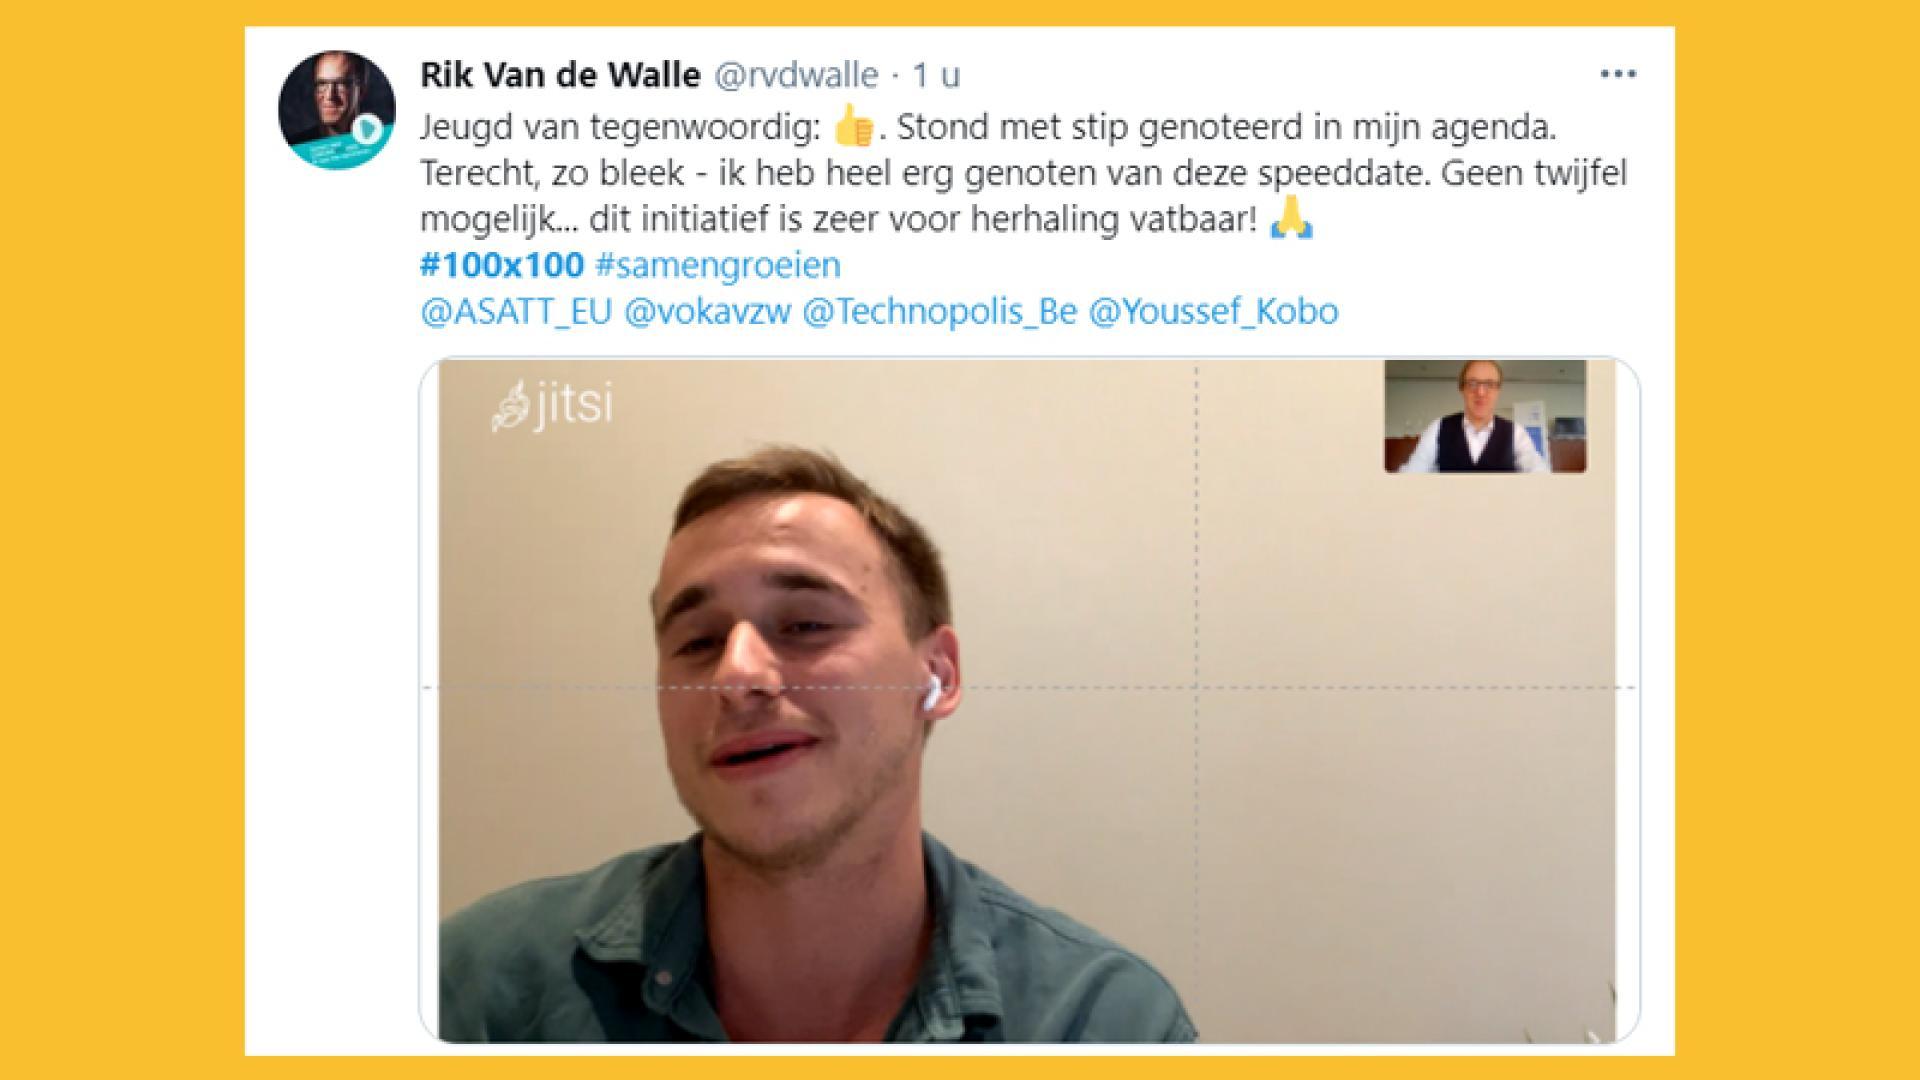 Rik Van de Walle